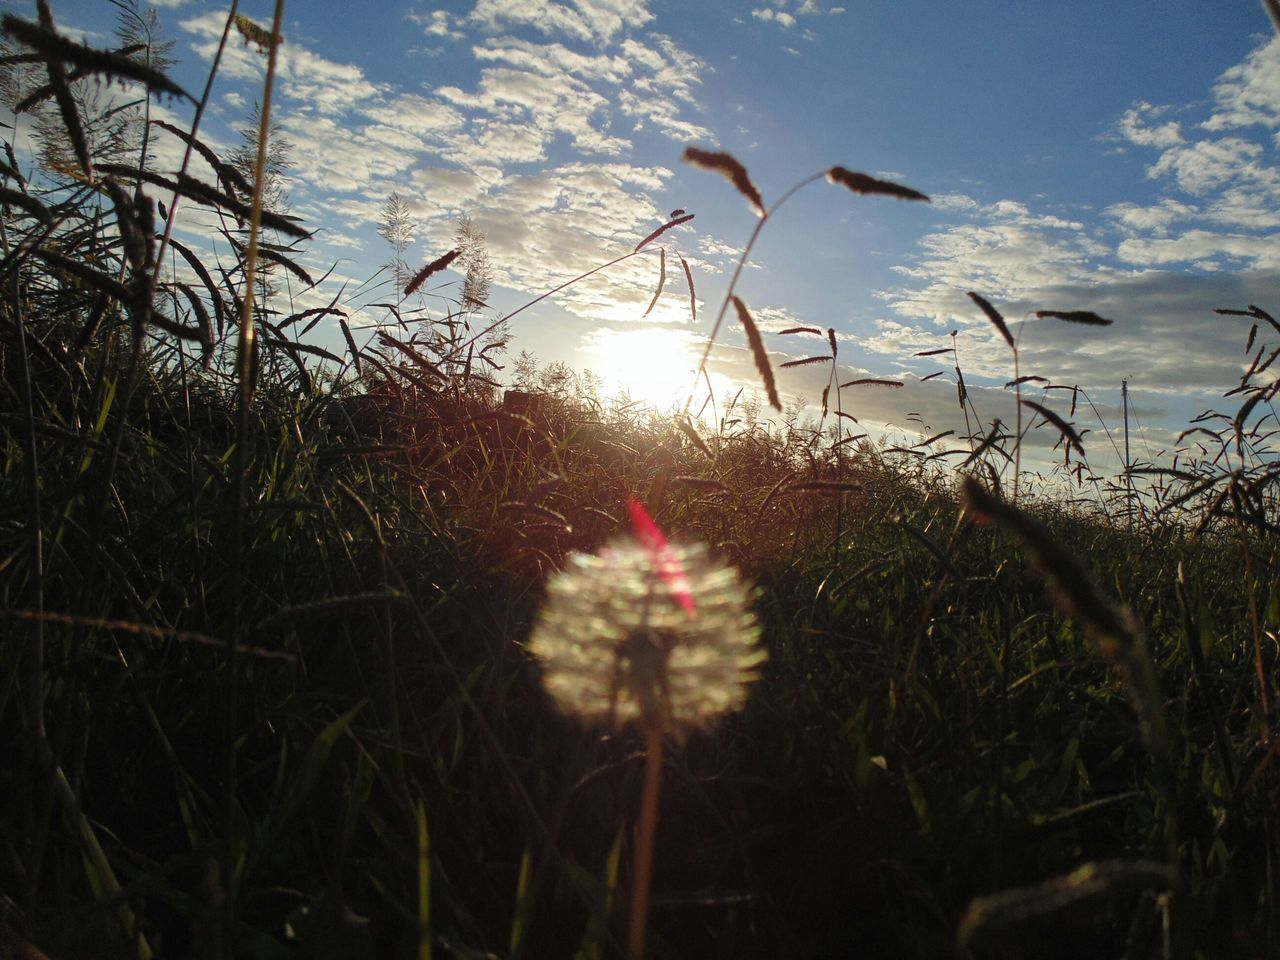 Glitch EyeEm Best Shots - No Edit Dandelion Hanging Out Dandelion Collection Moita EyeEm Nature Lover Flower